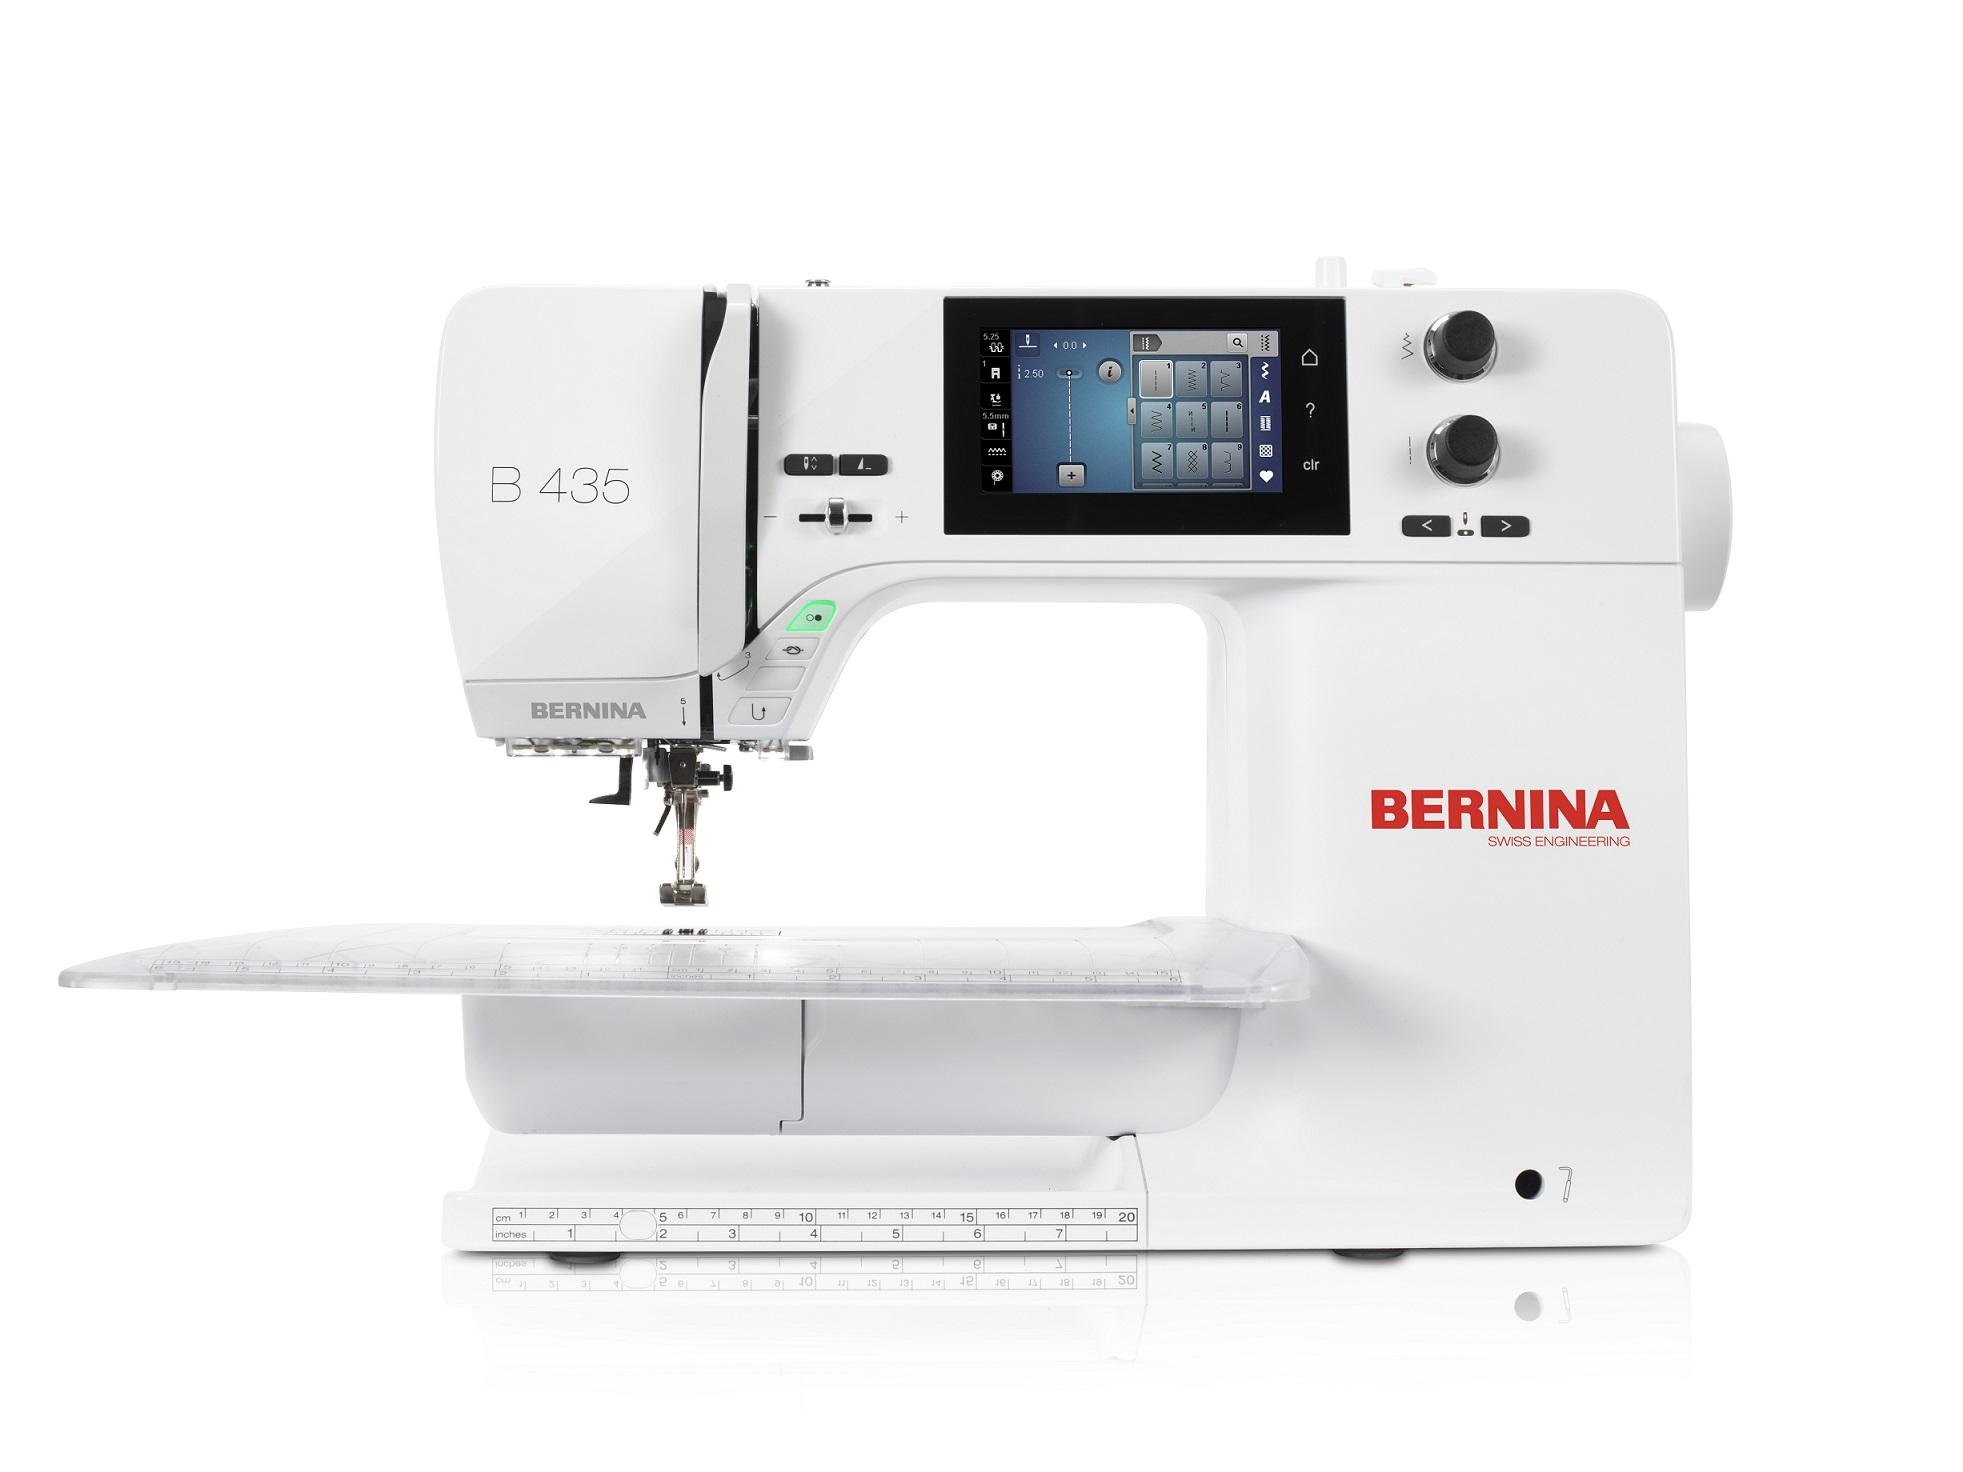 šicí stroj Bernina 435